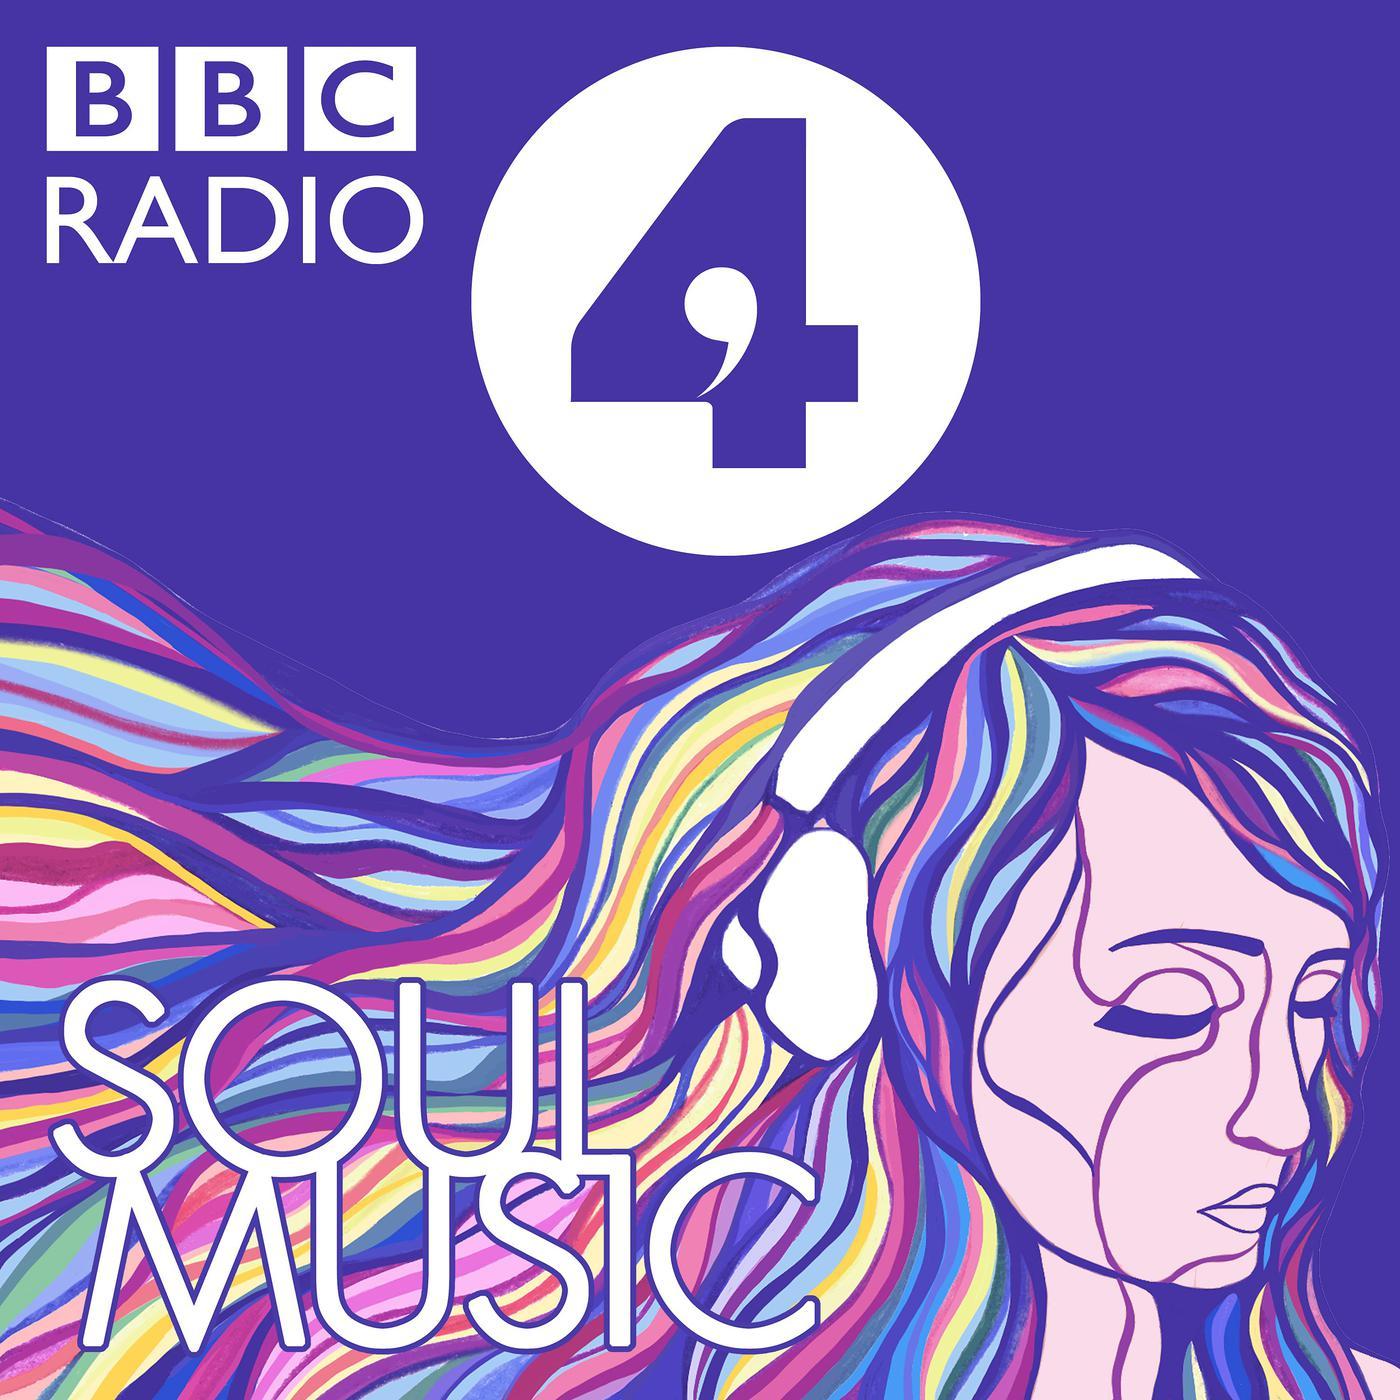 soul radio bbc podcasts podcast cello bach suite major factual stitcher podbean